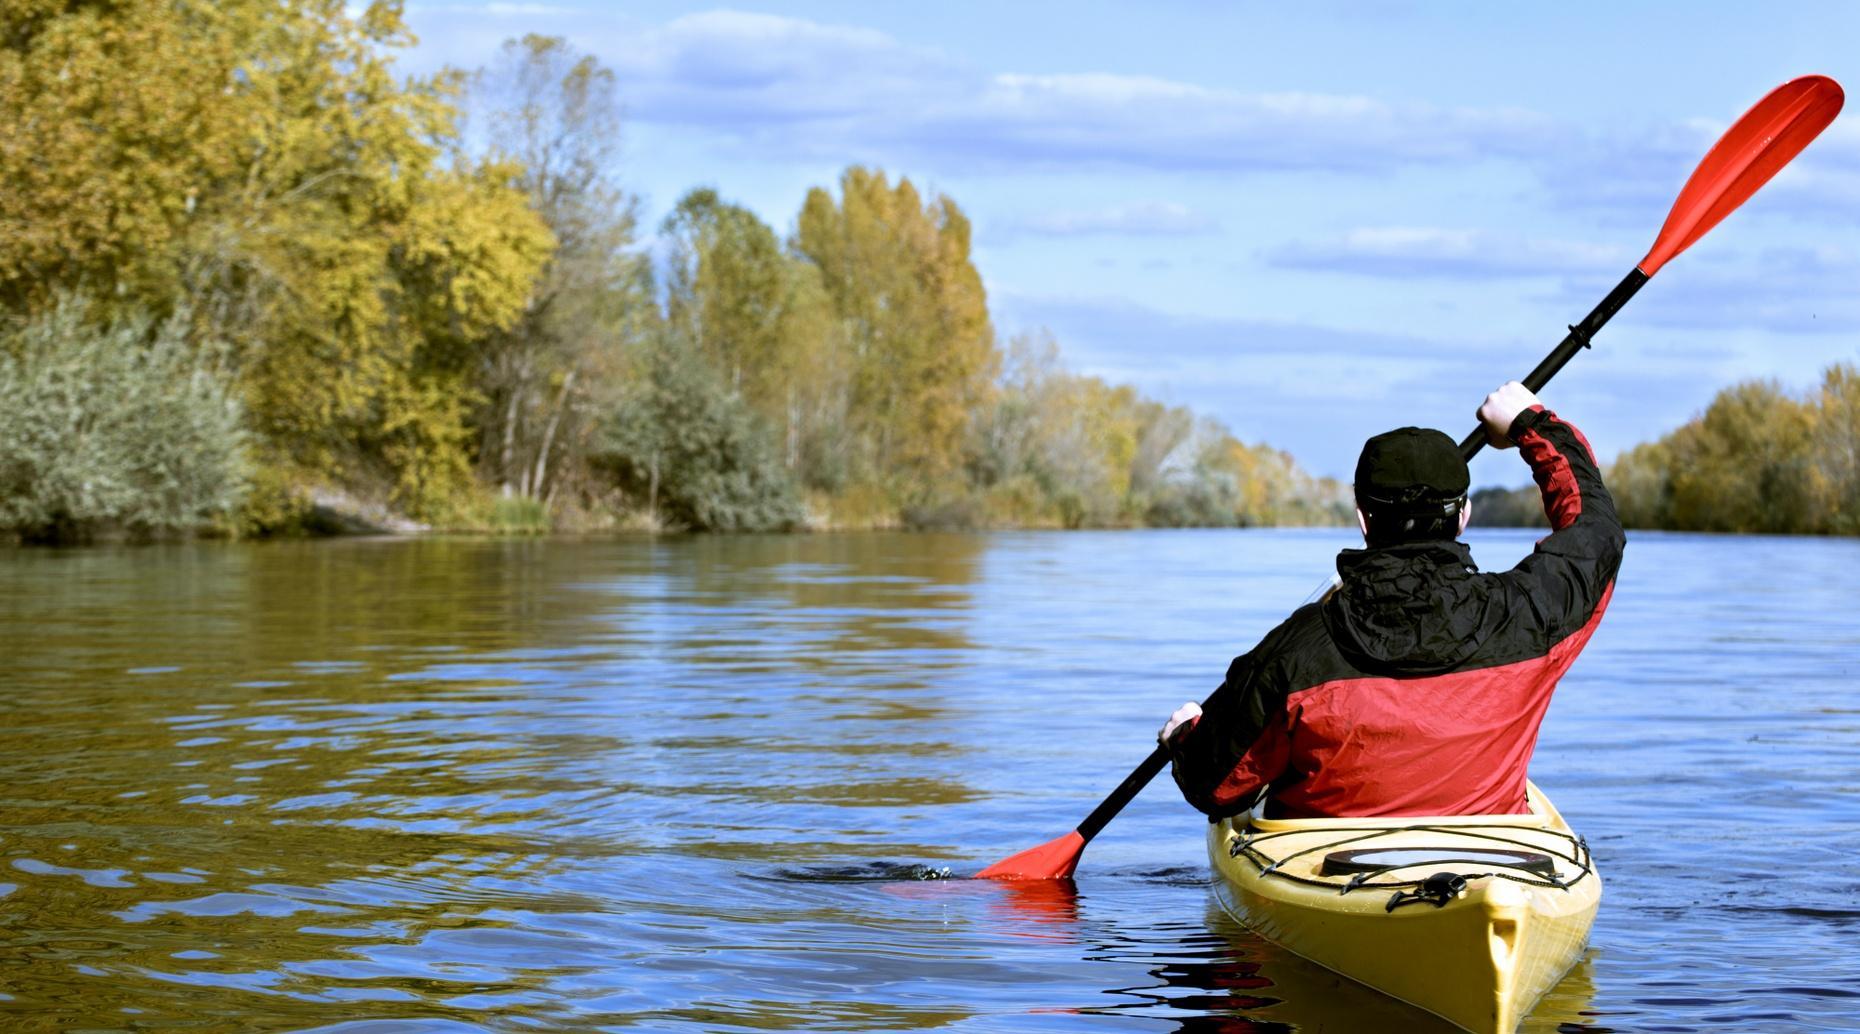 Swatara Creek Morning Kayaking Adventure in Middletown